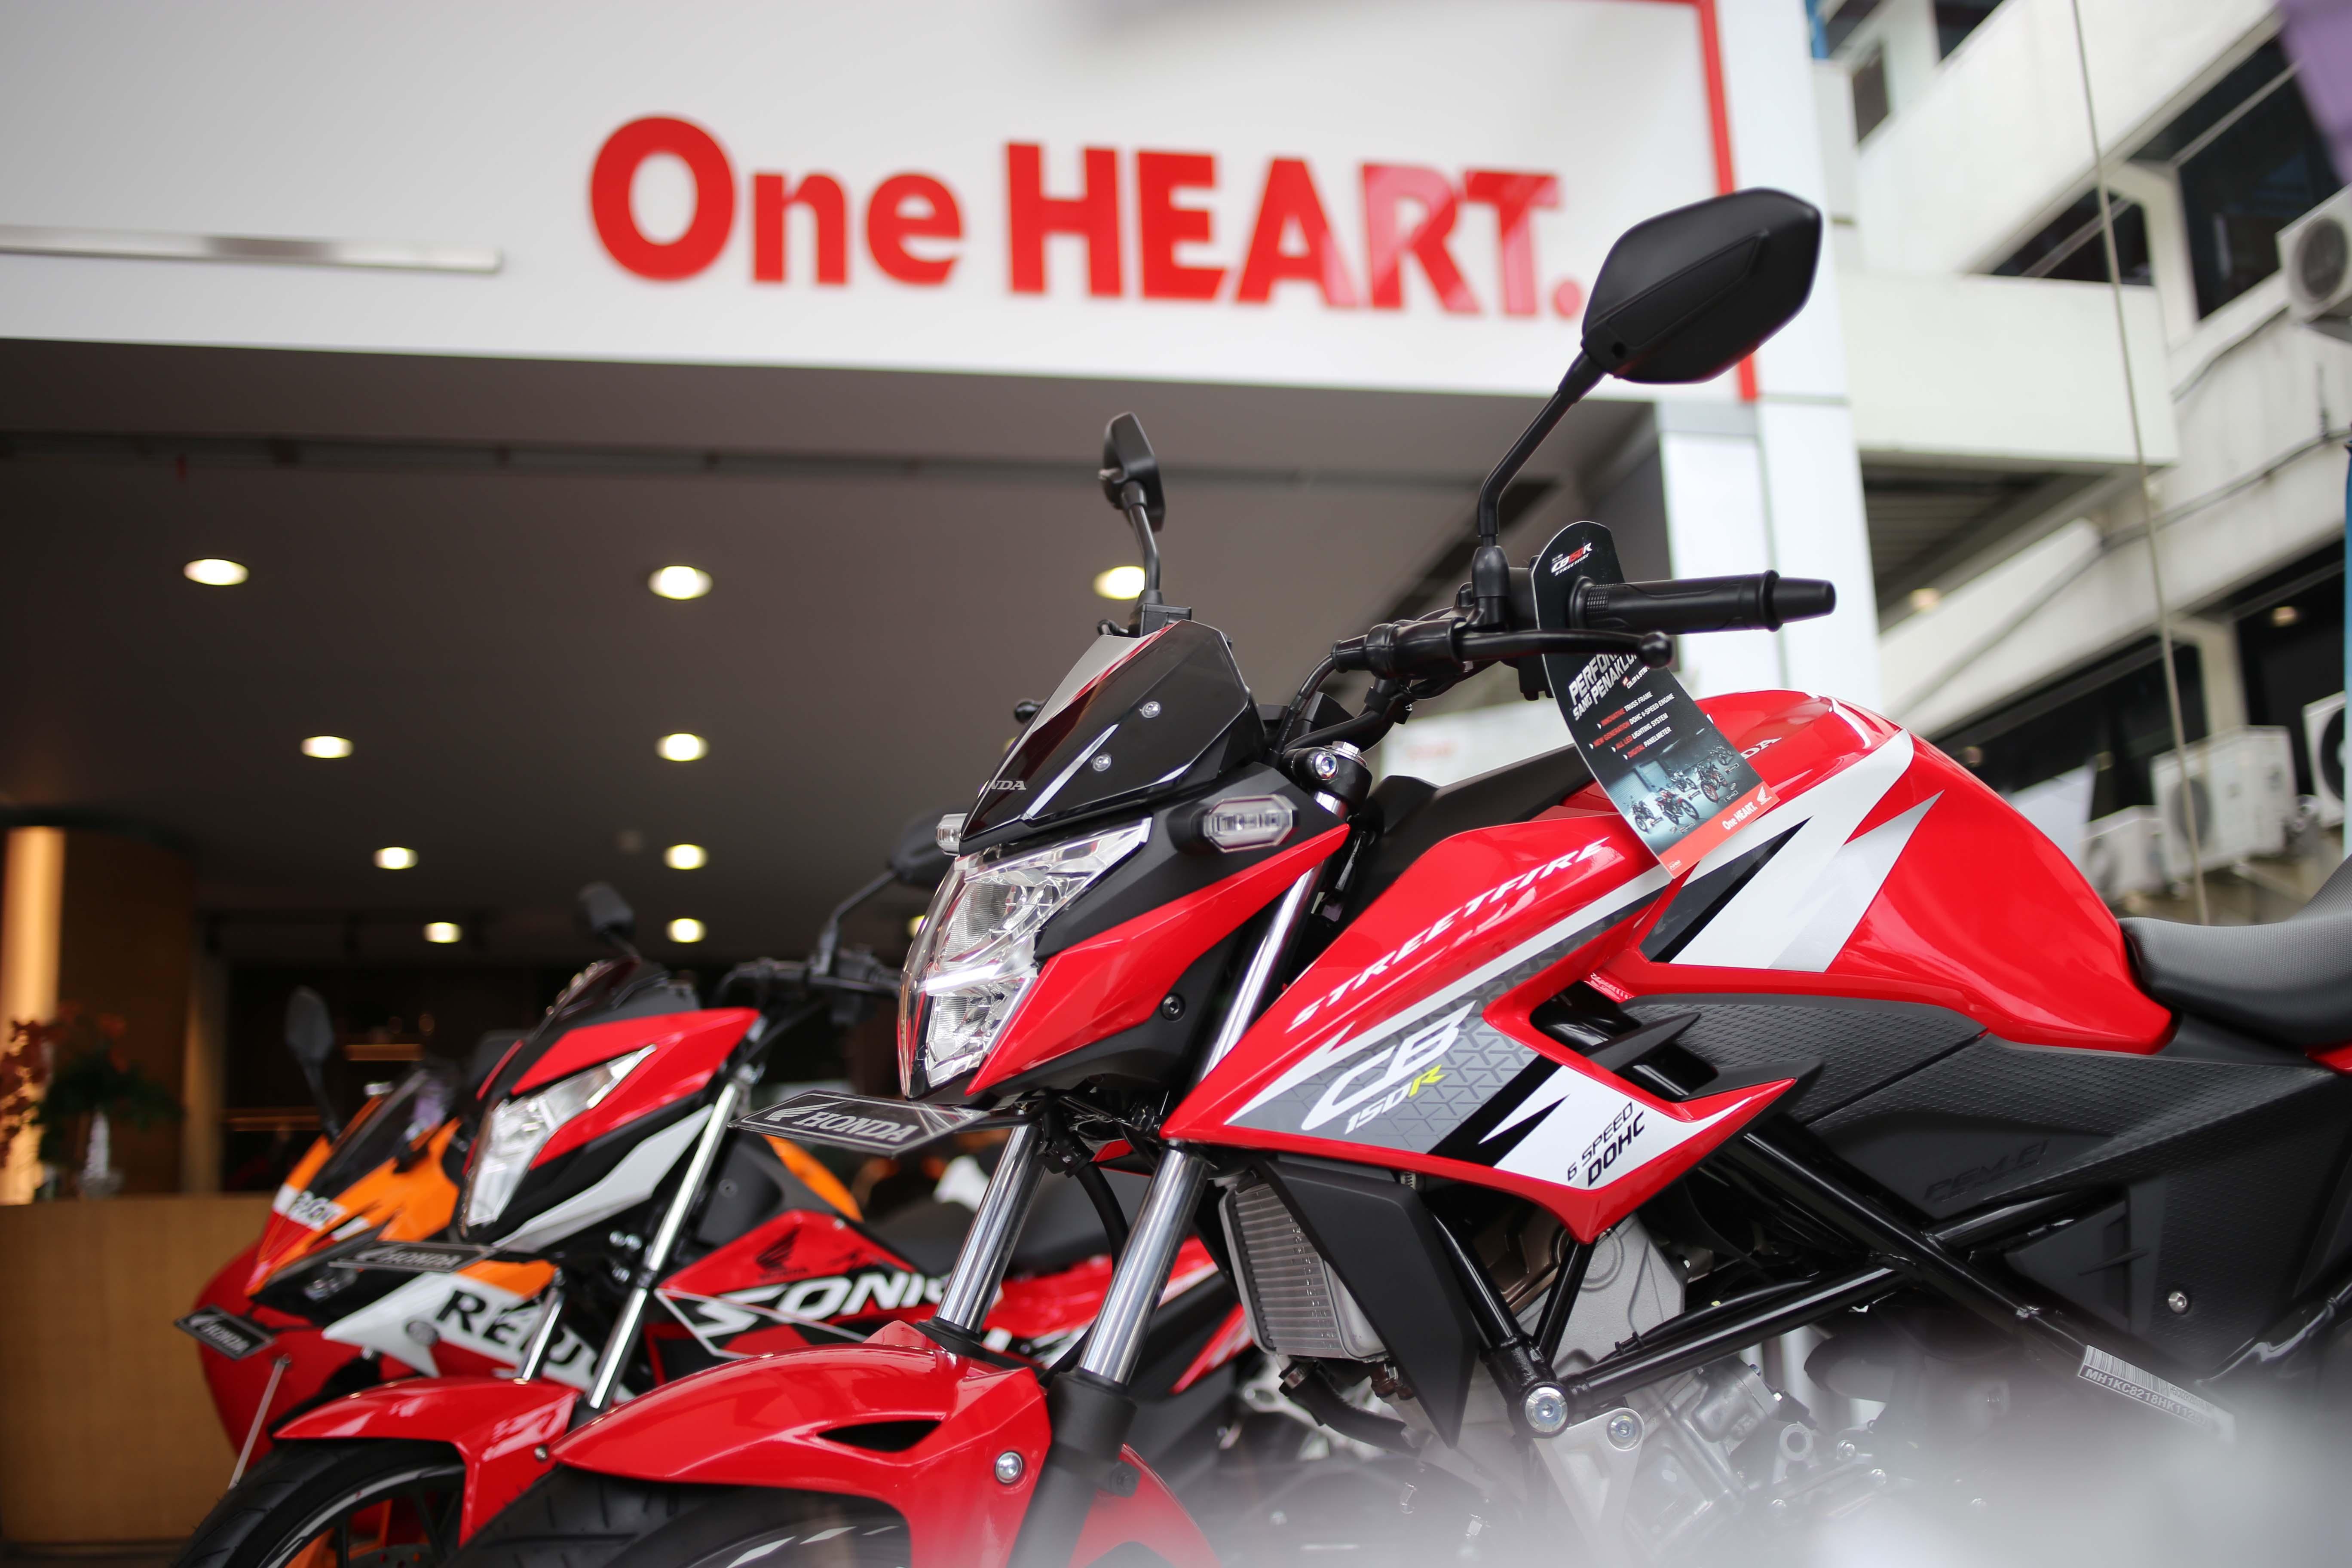 Jual Sepeda Motor Honda Bulan Welcome To All New Cbr 150r Victory Black Red Banyumas Pt Astra Ahm Mencatat Torehan Angka Penjualan Sebanyak 368739 Unit Atau Tumbuh 19